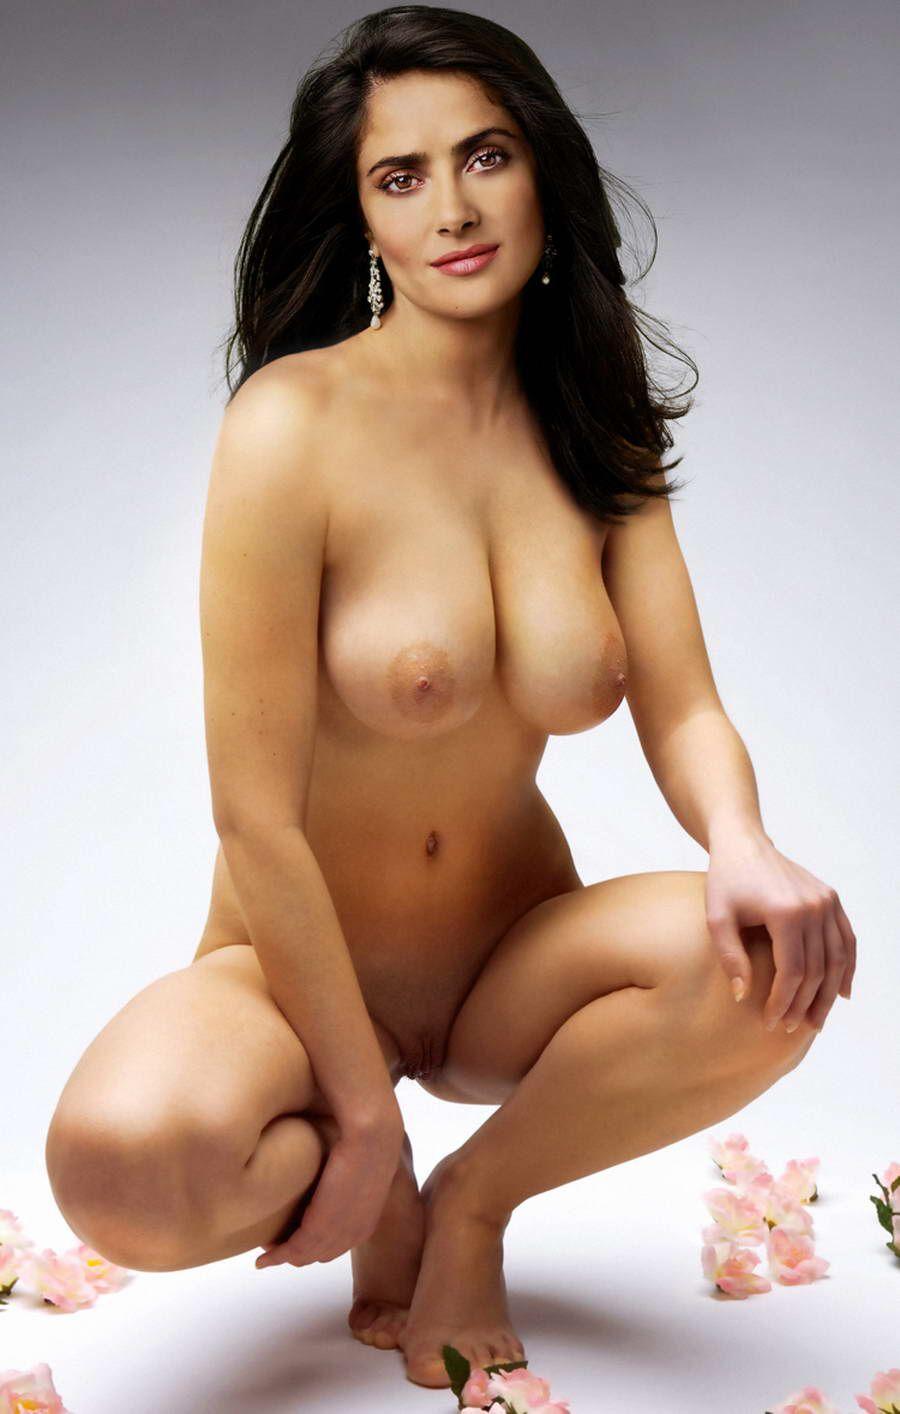 порнофото салмы хаек